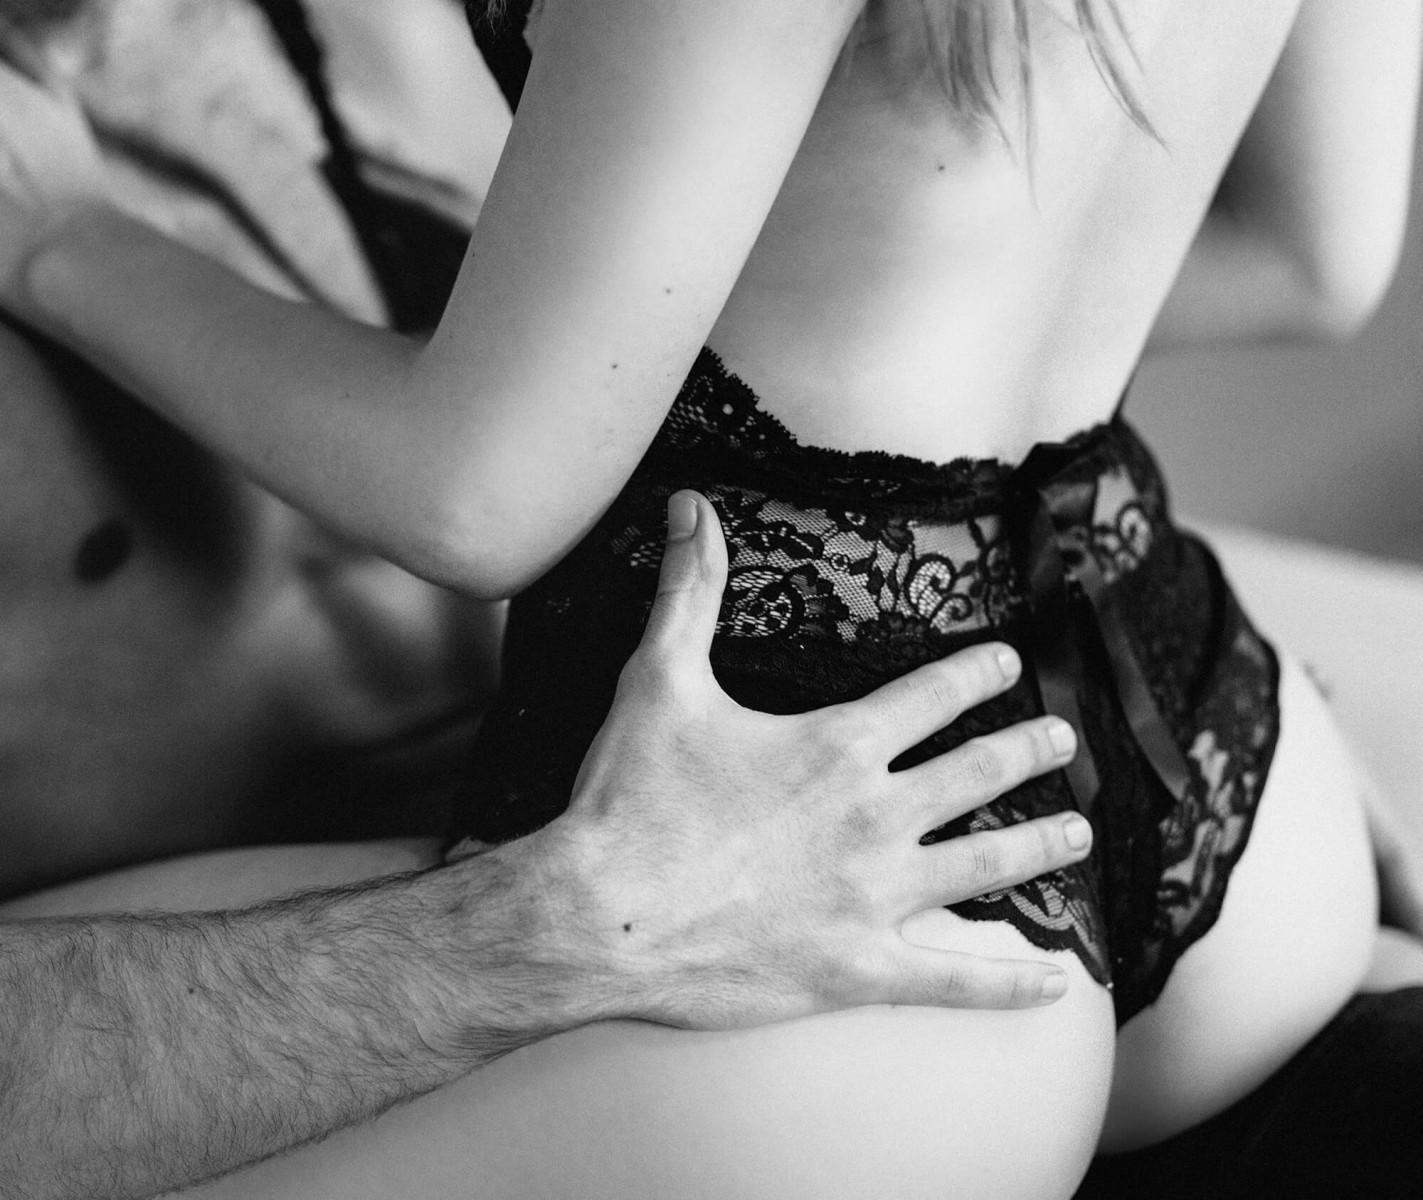 porno-zhenskie-eroticheskie-laski-foto-podsmotret-masturbatsiyu-seks